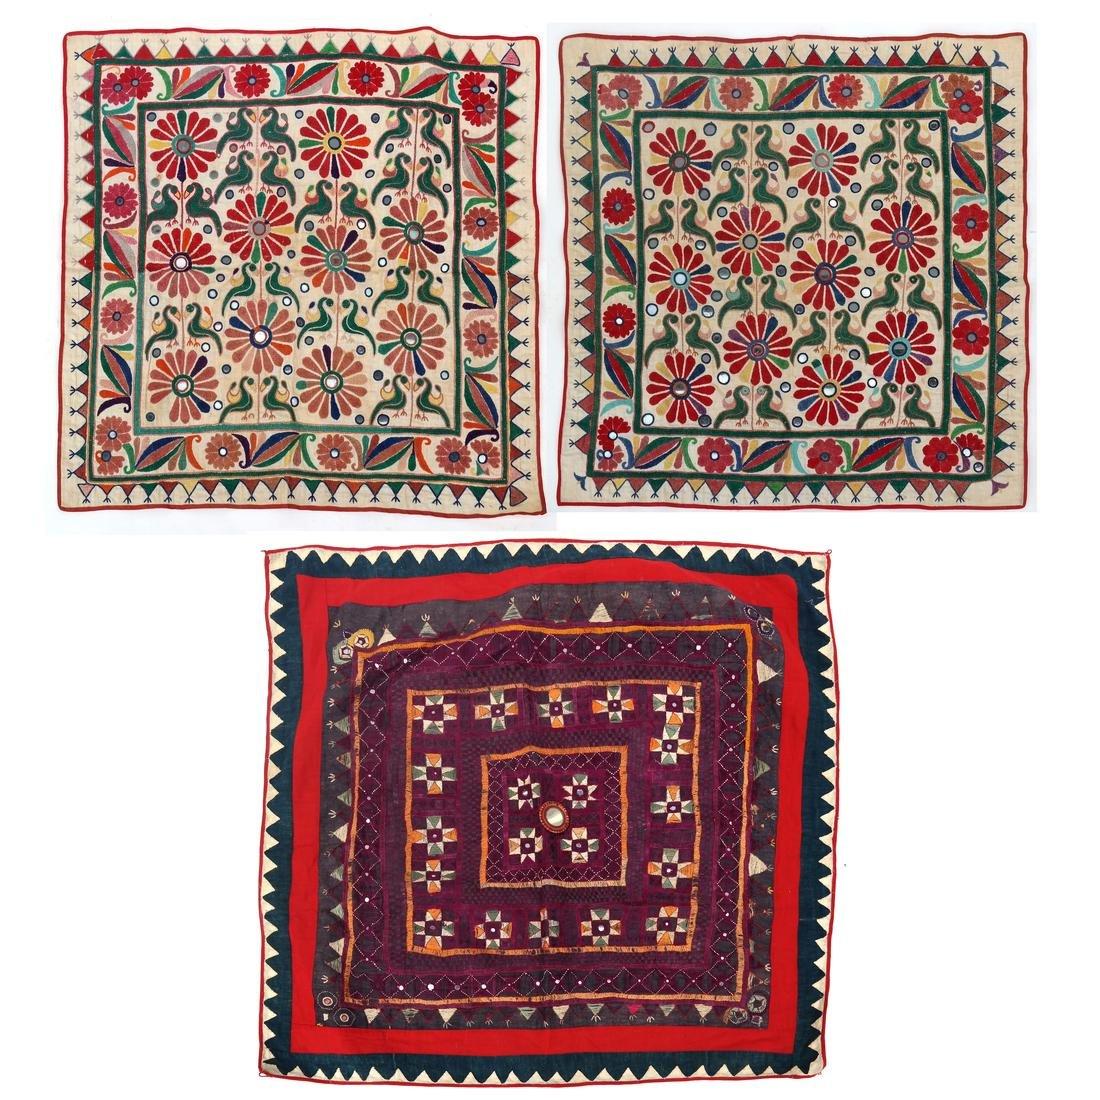 Three Antique Indian Banjara Mirrored Textile Panels